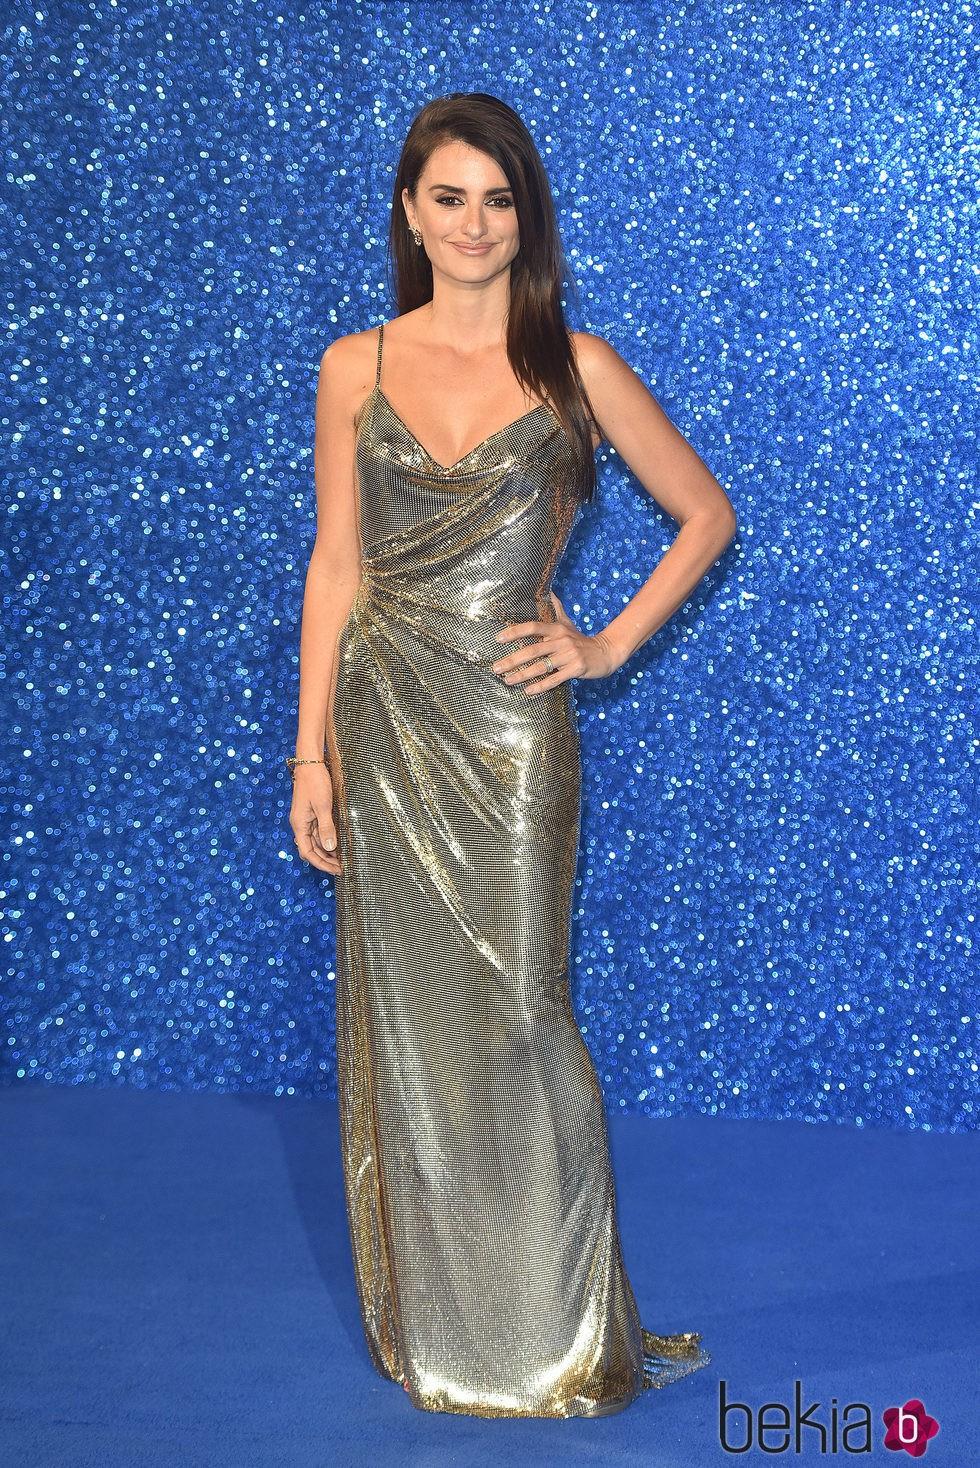 Penélope Cruz en el estreno de 'Zoolander 2' en Londres